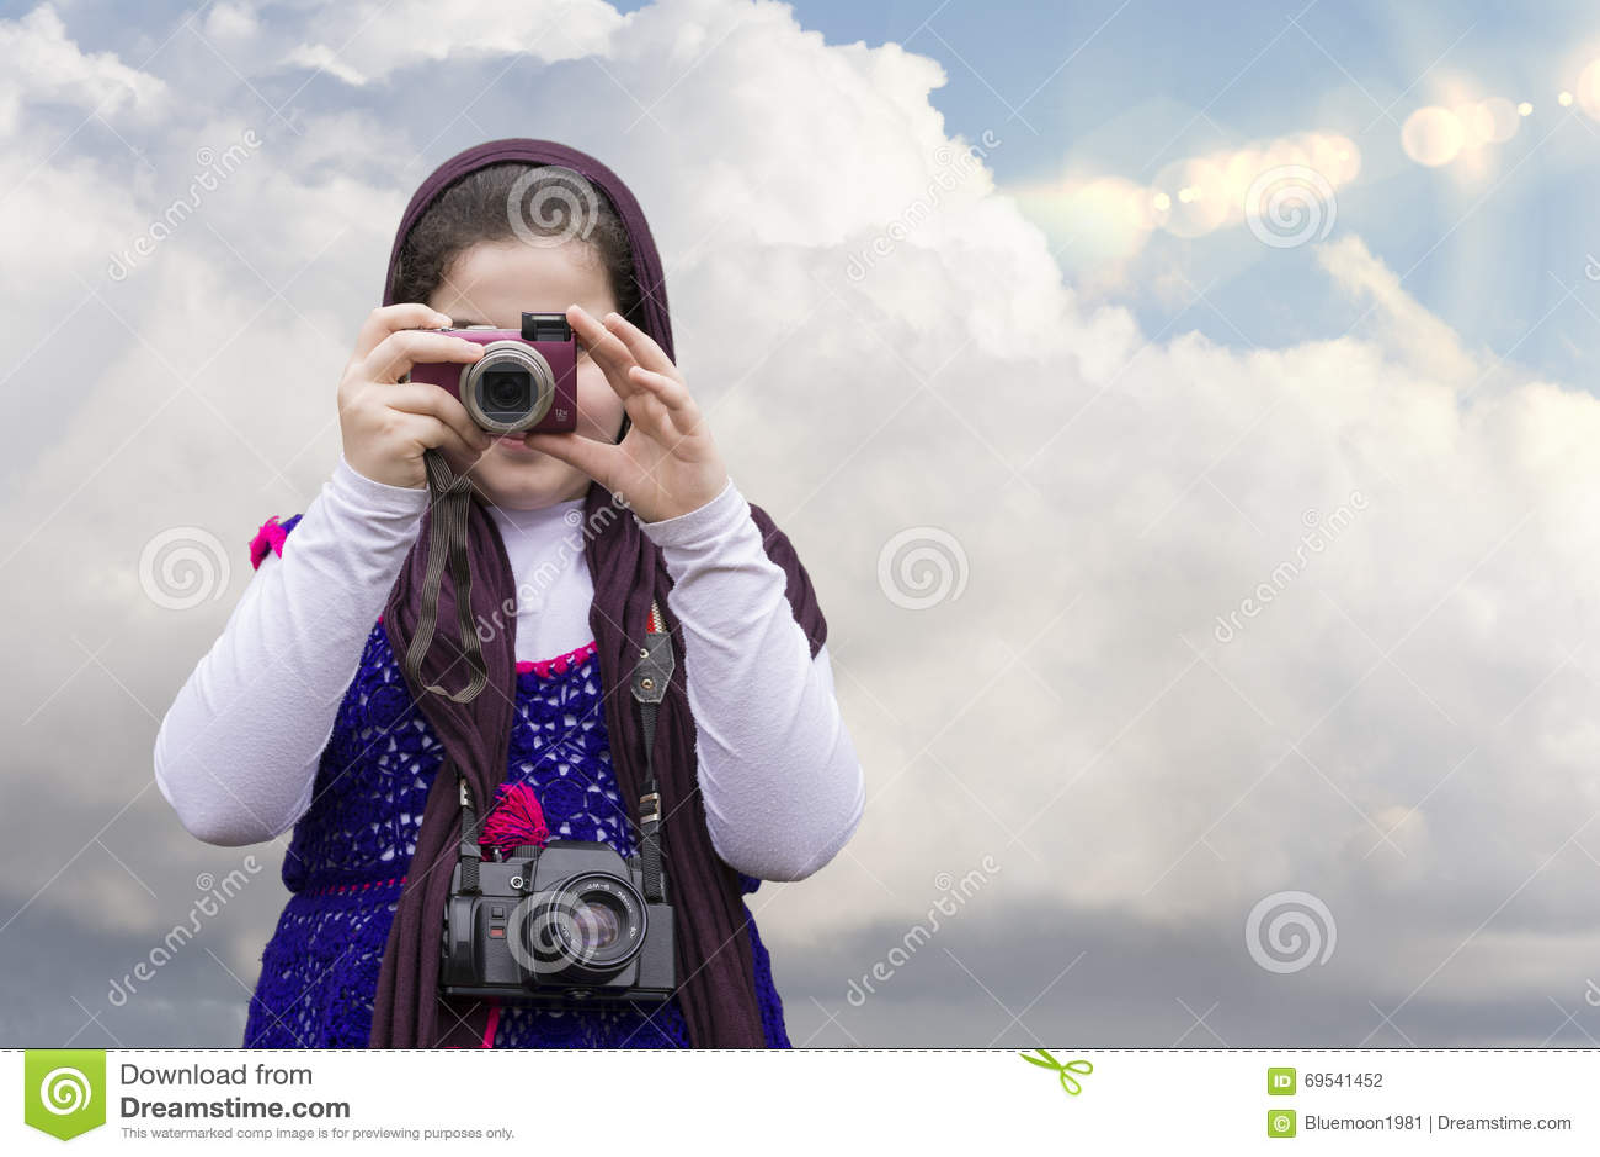 Młoda mała dziewczynka Bierze fotografię punktem Digita i krótkopędem